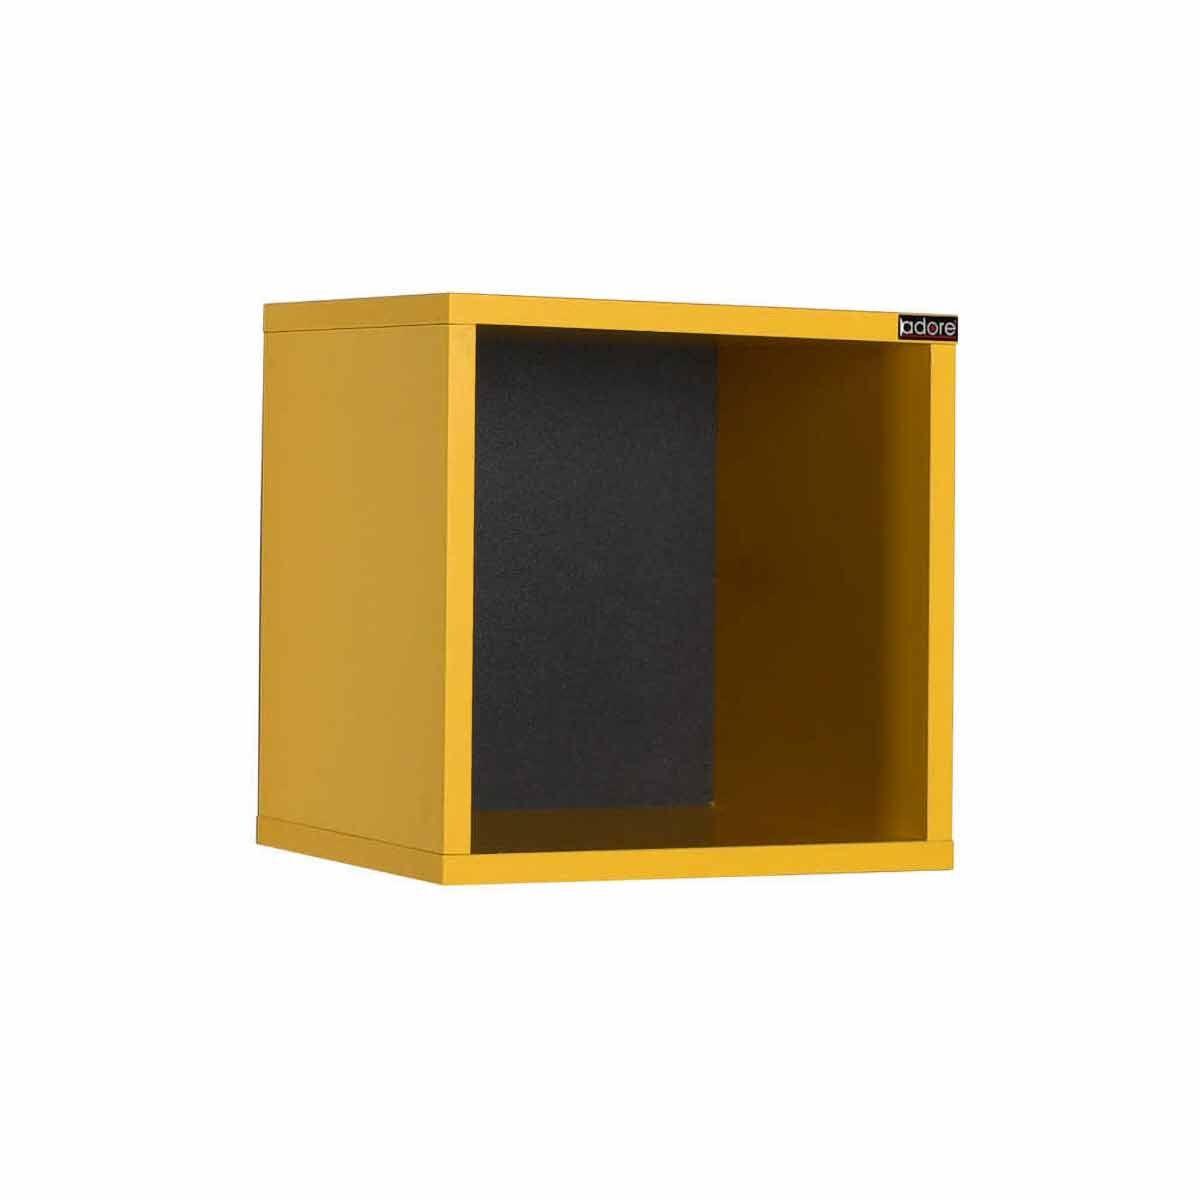 Max Cube Wall Mounted Shelf Yellow